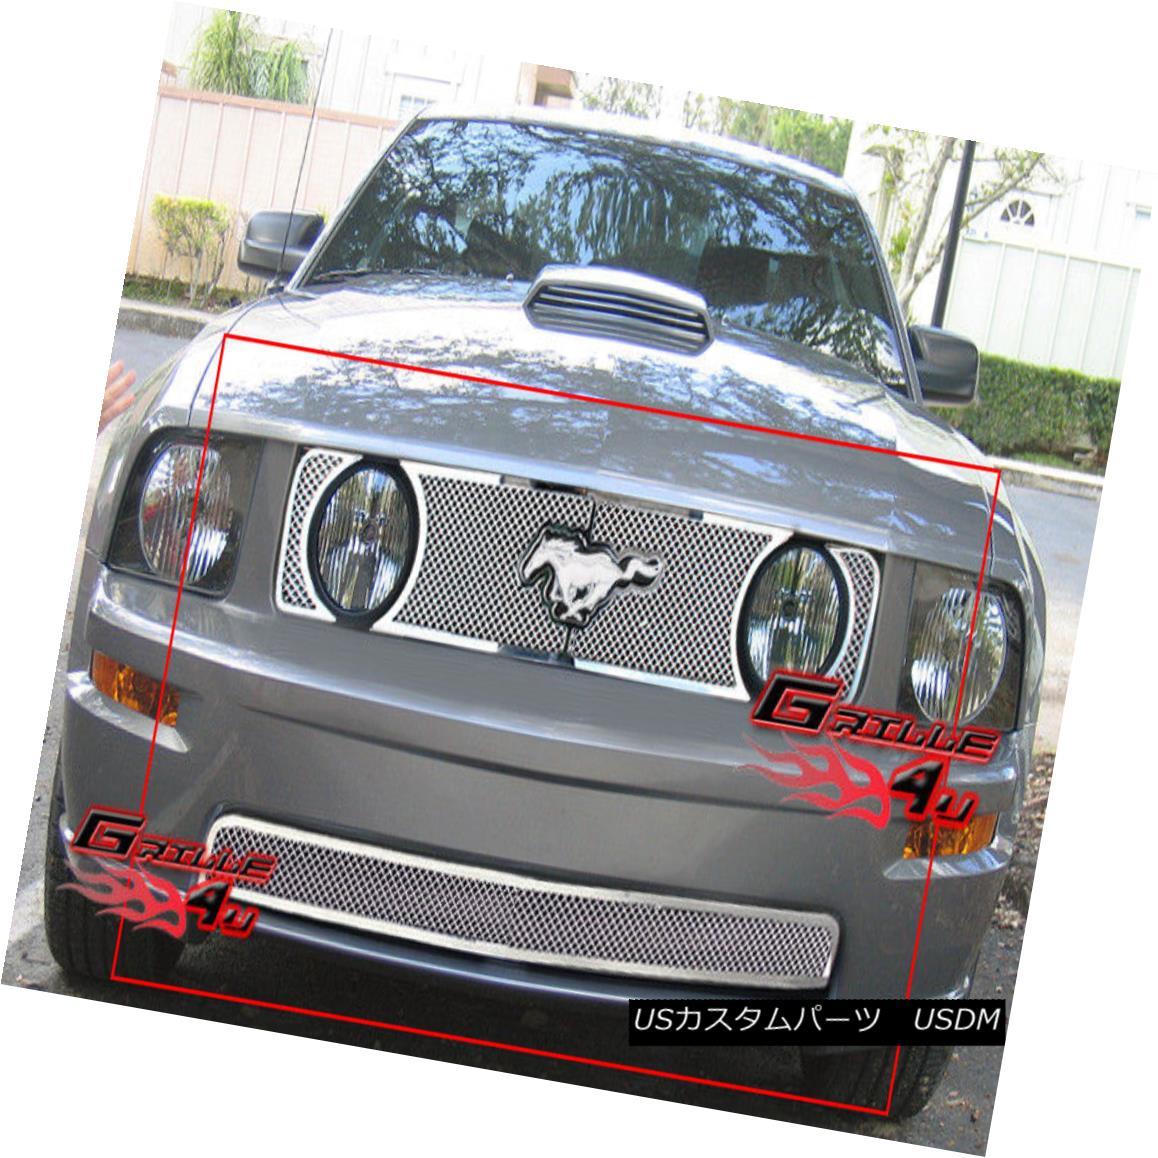 グリル Fits 05-09 Ford Mustang GT V8 Stainless Mesh Grille Combo フィット05-09フォードマスタングGT V8ステンレスメッシュグリルコンボ